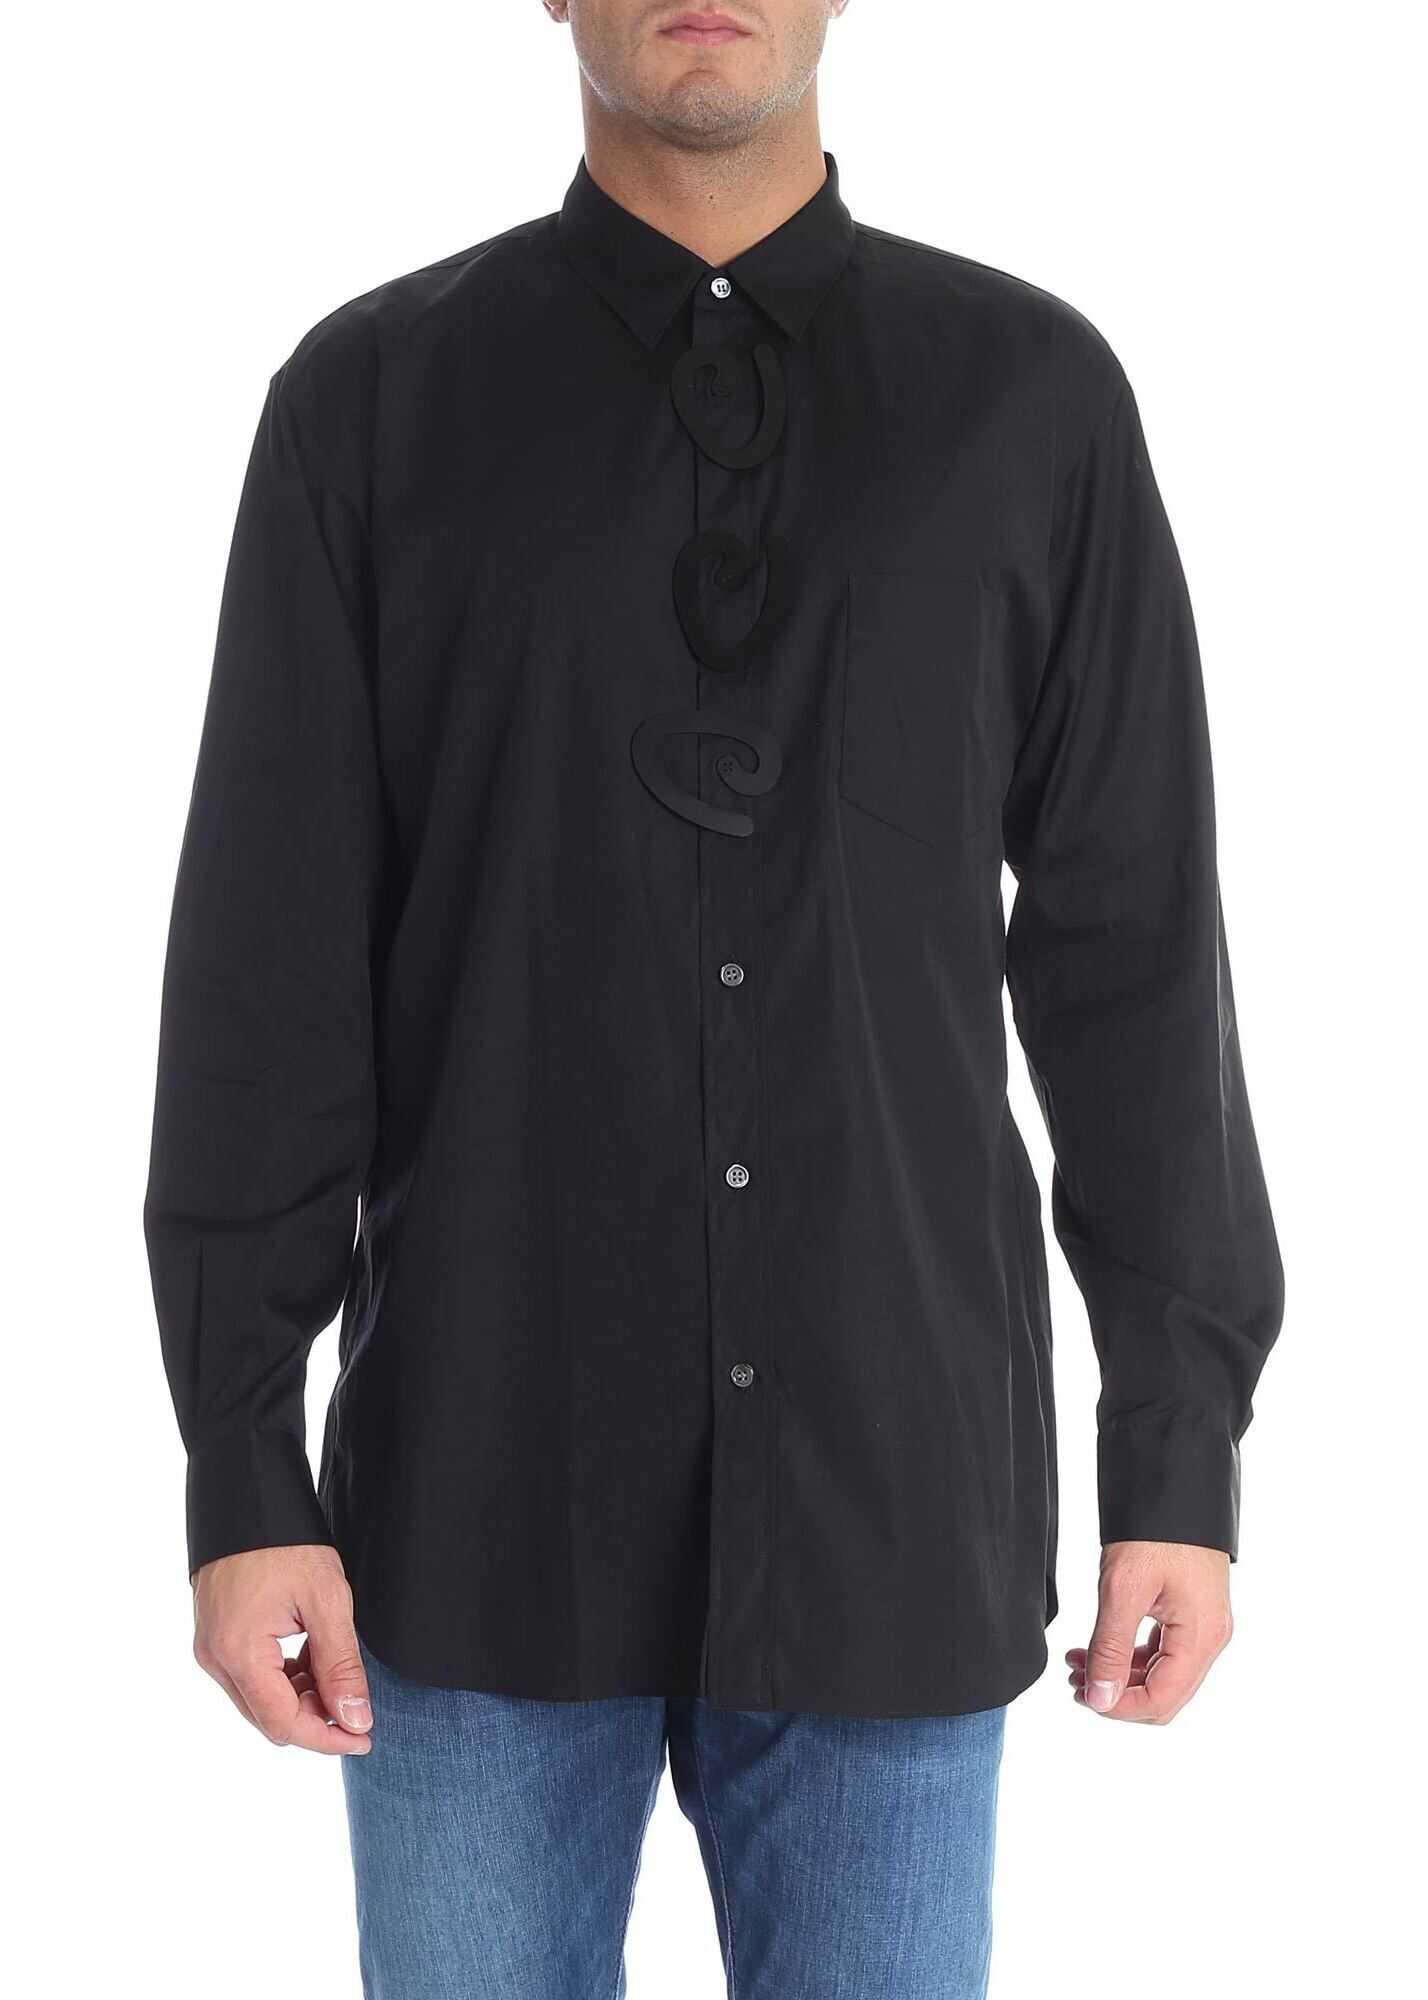 Comme des Garçons Black Shirt With Rigid Inserts Black imagine